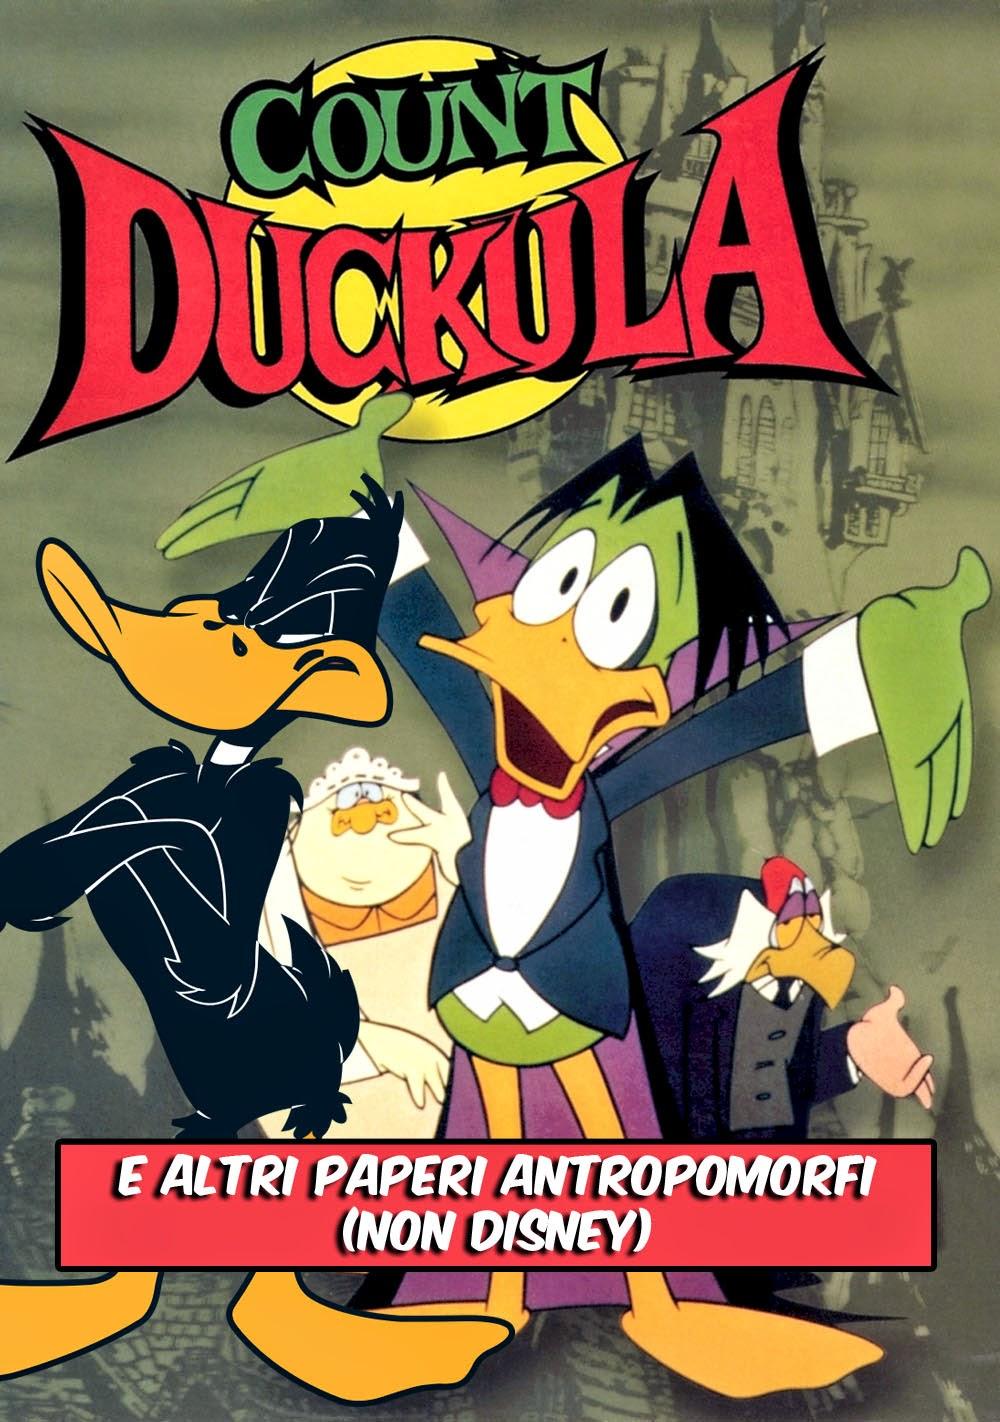 Conte Dacula Daffy Duck paperi antropomorfi non Disney